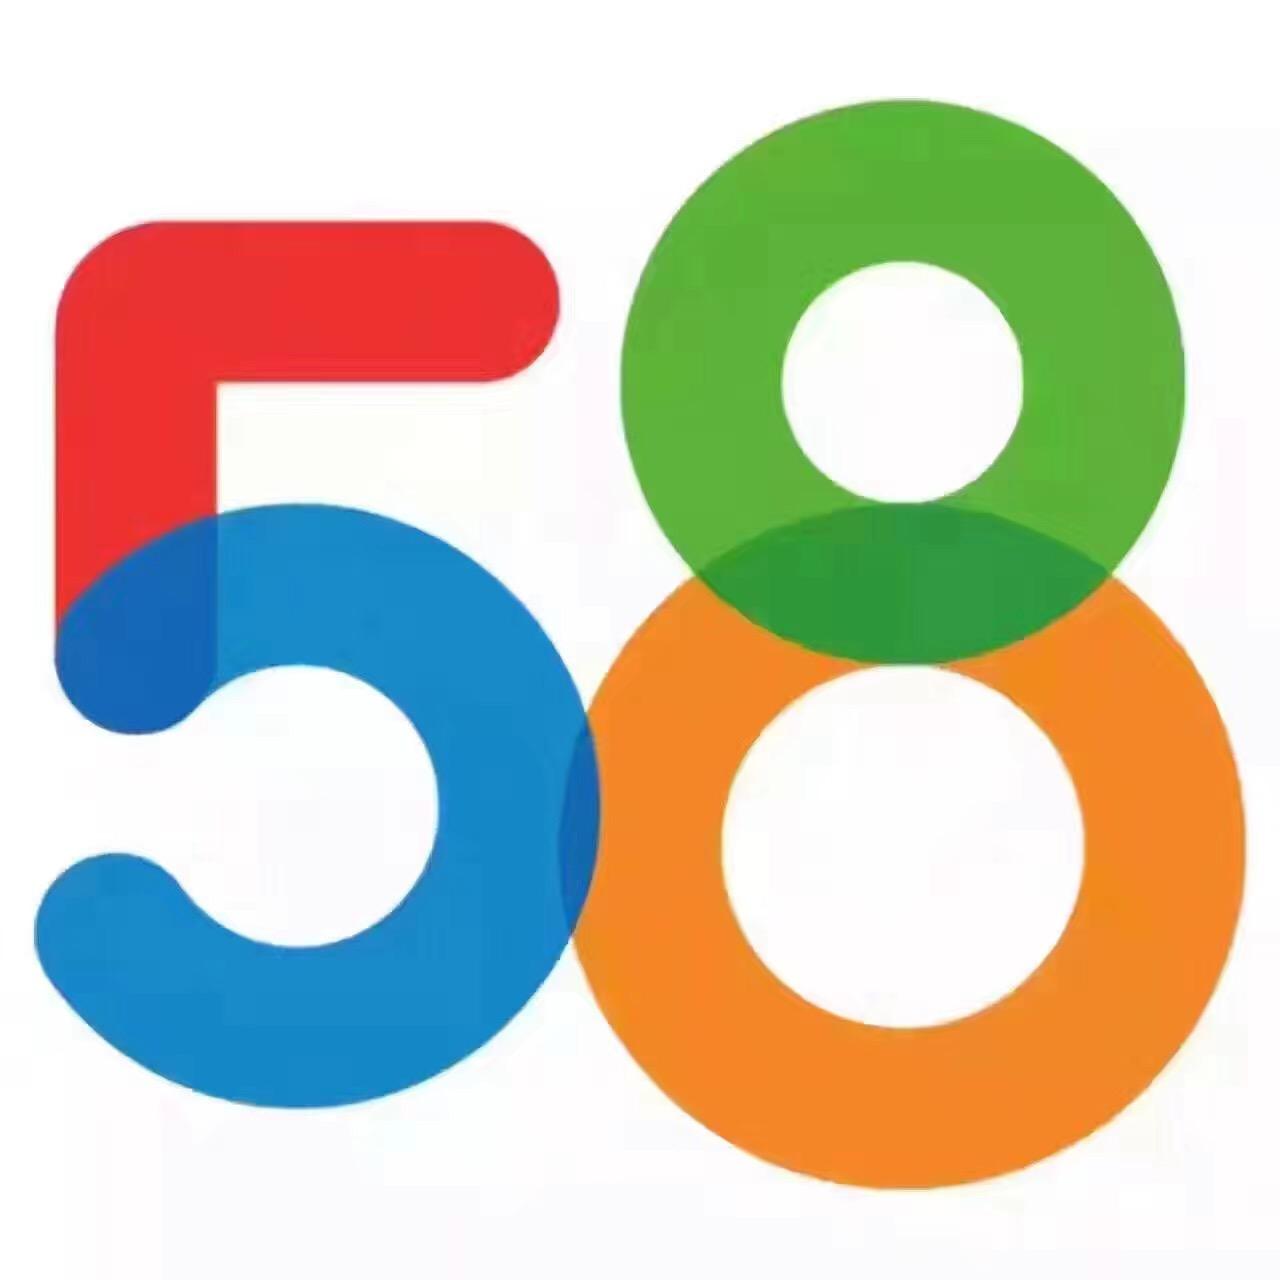 临沂专业的临沂58同城招聘,你首要选择_郯城临沂58同城